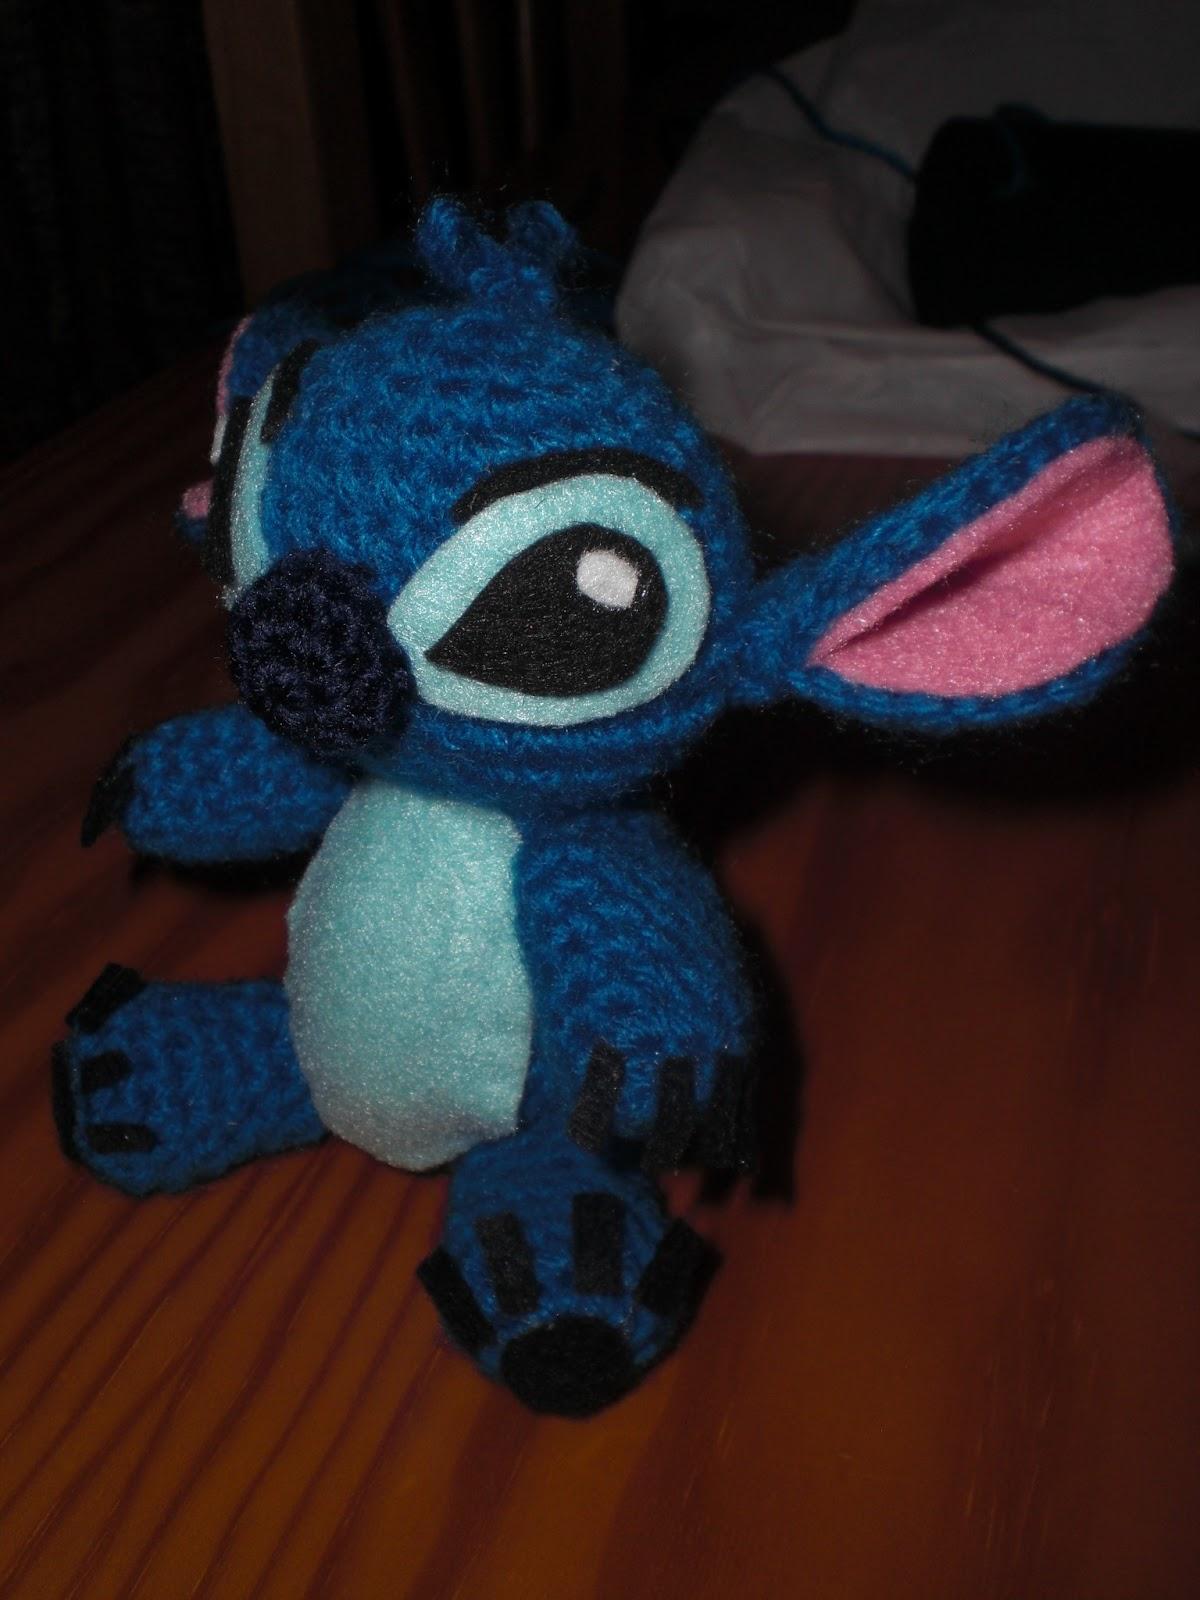 Amigurumi Lilo And Stitch : El b?ho costurero: Un nuevo encargo: amigurumi Stitch.